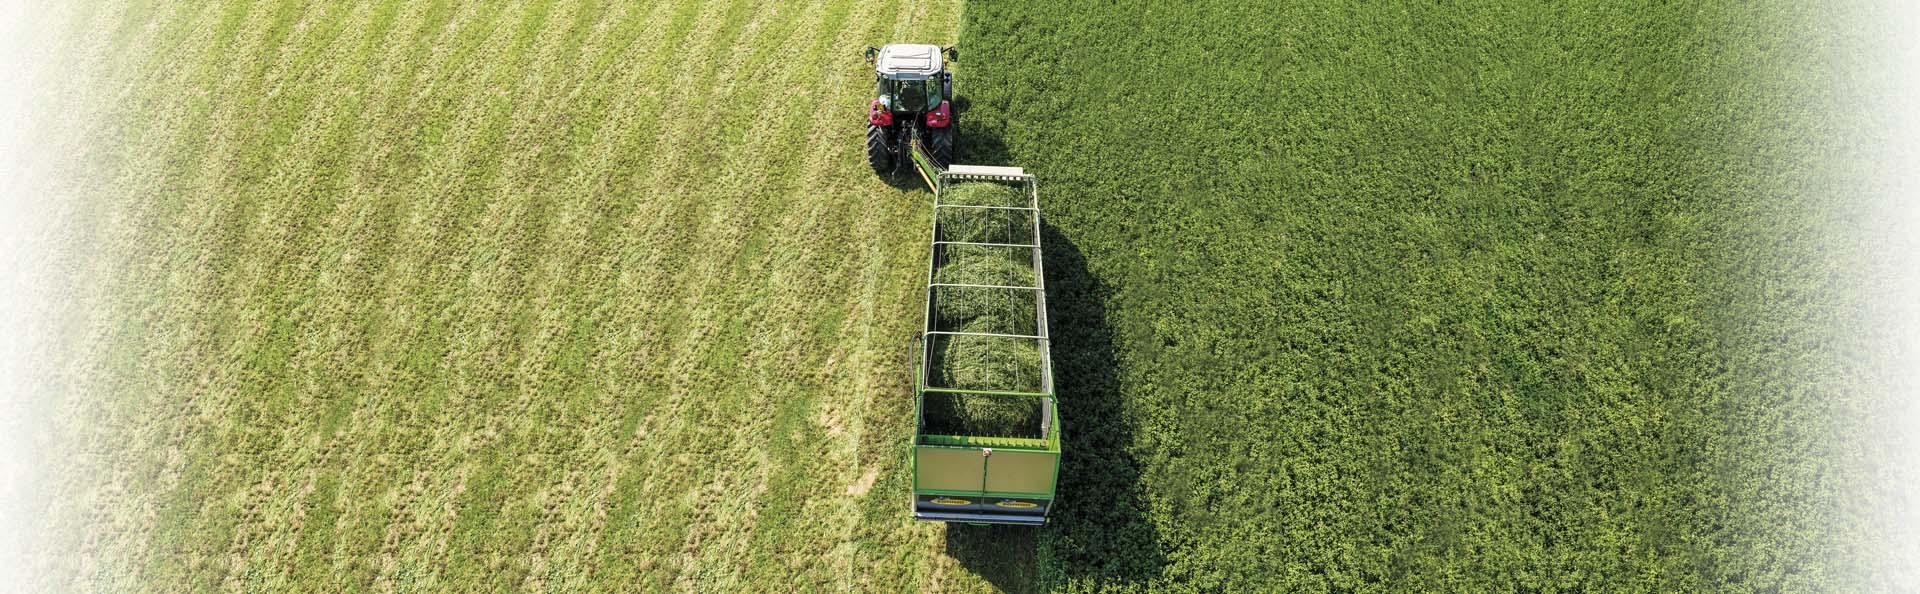 Falcia-auto-caricante-Bonino-al-lavoro-Self-loading-mower-machine-zero-grazer-in-tow-working-faucheuse-autochargeuse-en-action